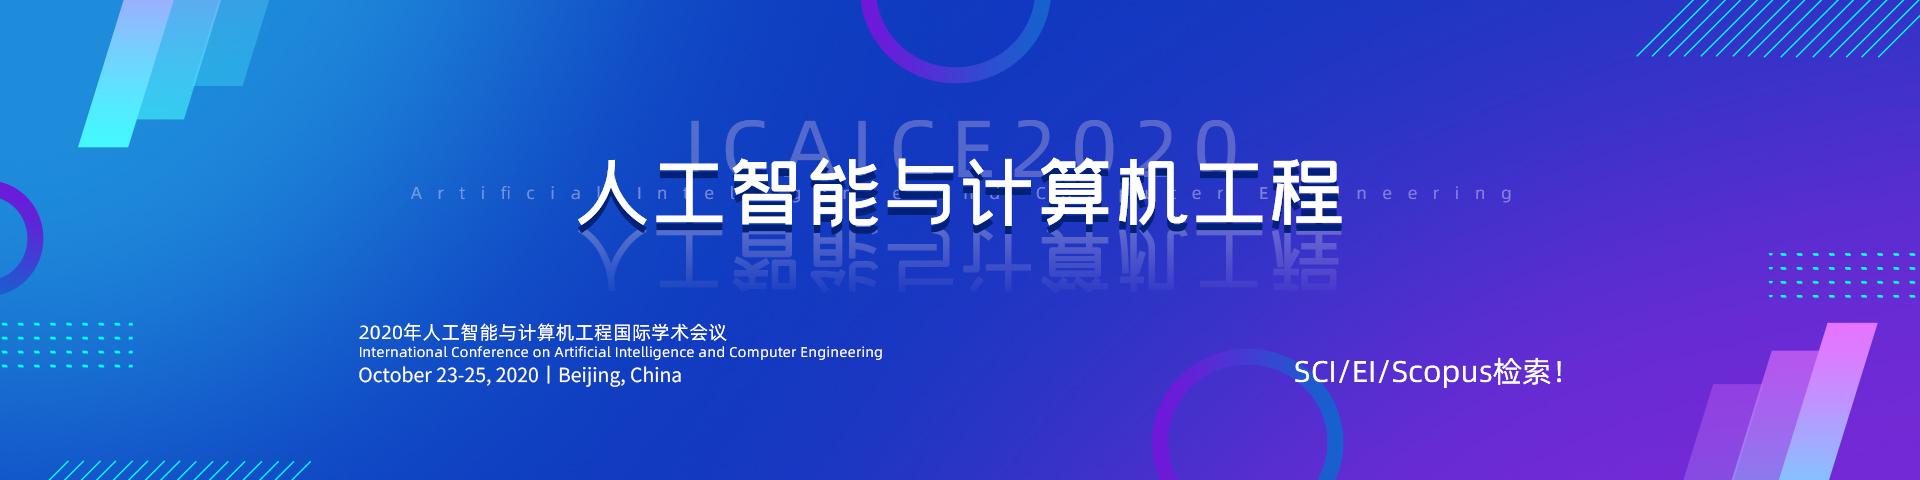 2020年人工智能与计算工程国际学术会议 (ICAICE 2020)